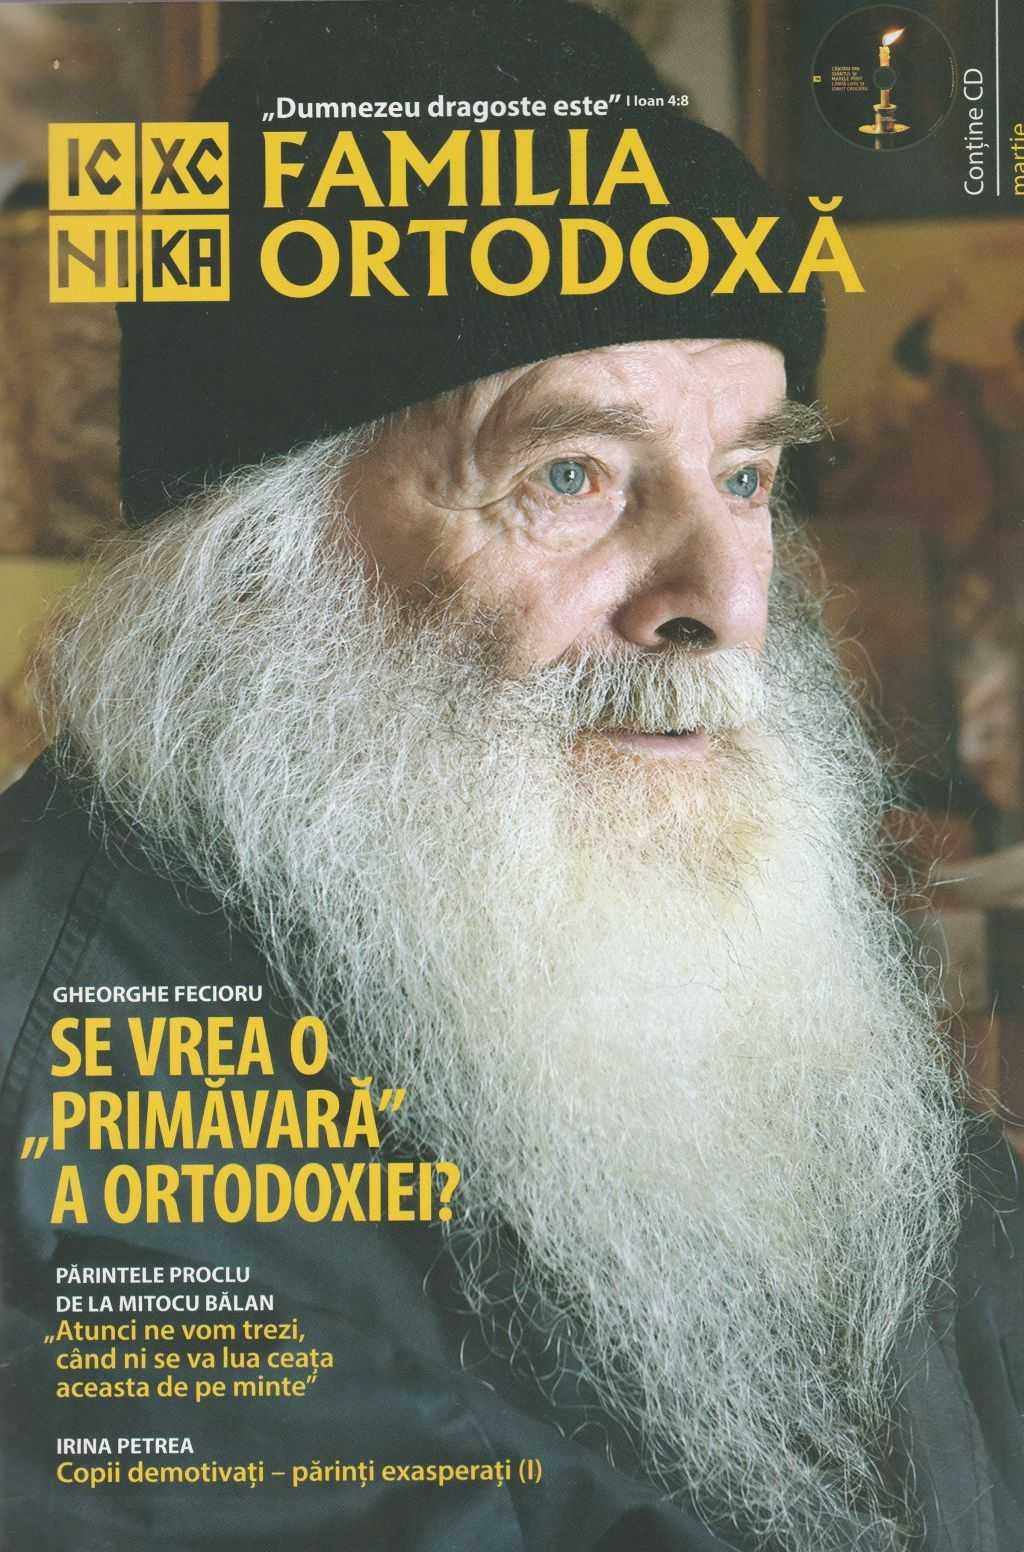 """PĂRINTELE PROCLU – ultimul cuvânt de folos, despre tulburările din Biserică, după """"sinodul"""" din Creta și CONDIȚIILE MÂNTUIRII ÎN ACESTE VREMURI: <i>""""Sunt nişte duhuri care au tulburat lumea. Noi trebuie să căutăm să nu facem rupere în Biserică. Trebuie să îi iertăm pe toţi, trebuie să ne rugăm pentru toţi. Doamne, ajută să ne smerim ca să scăpăm de duhuri şi de toate!""""</i>"""